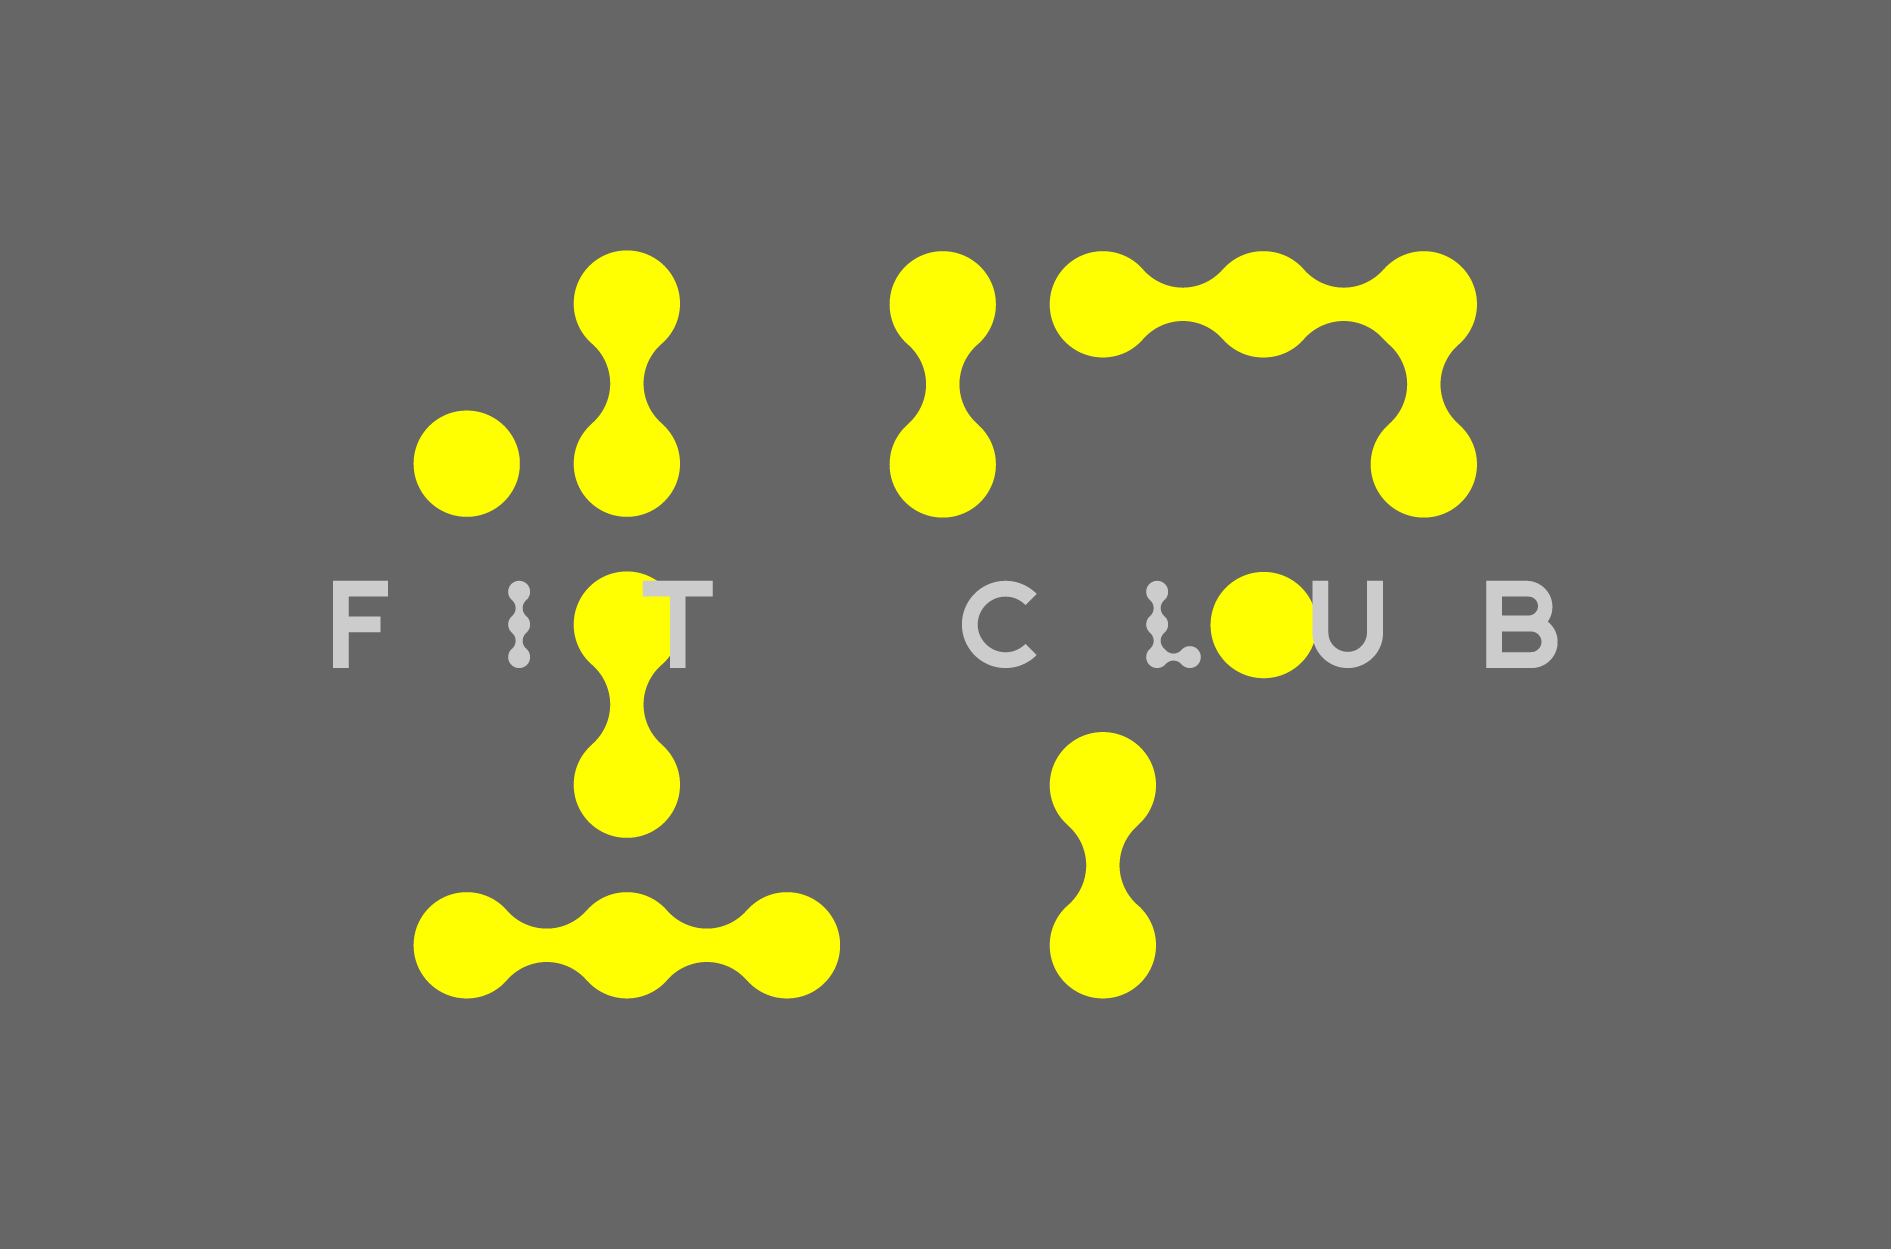 0102 17fit club案例整理1-11